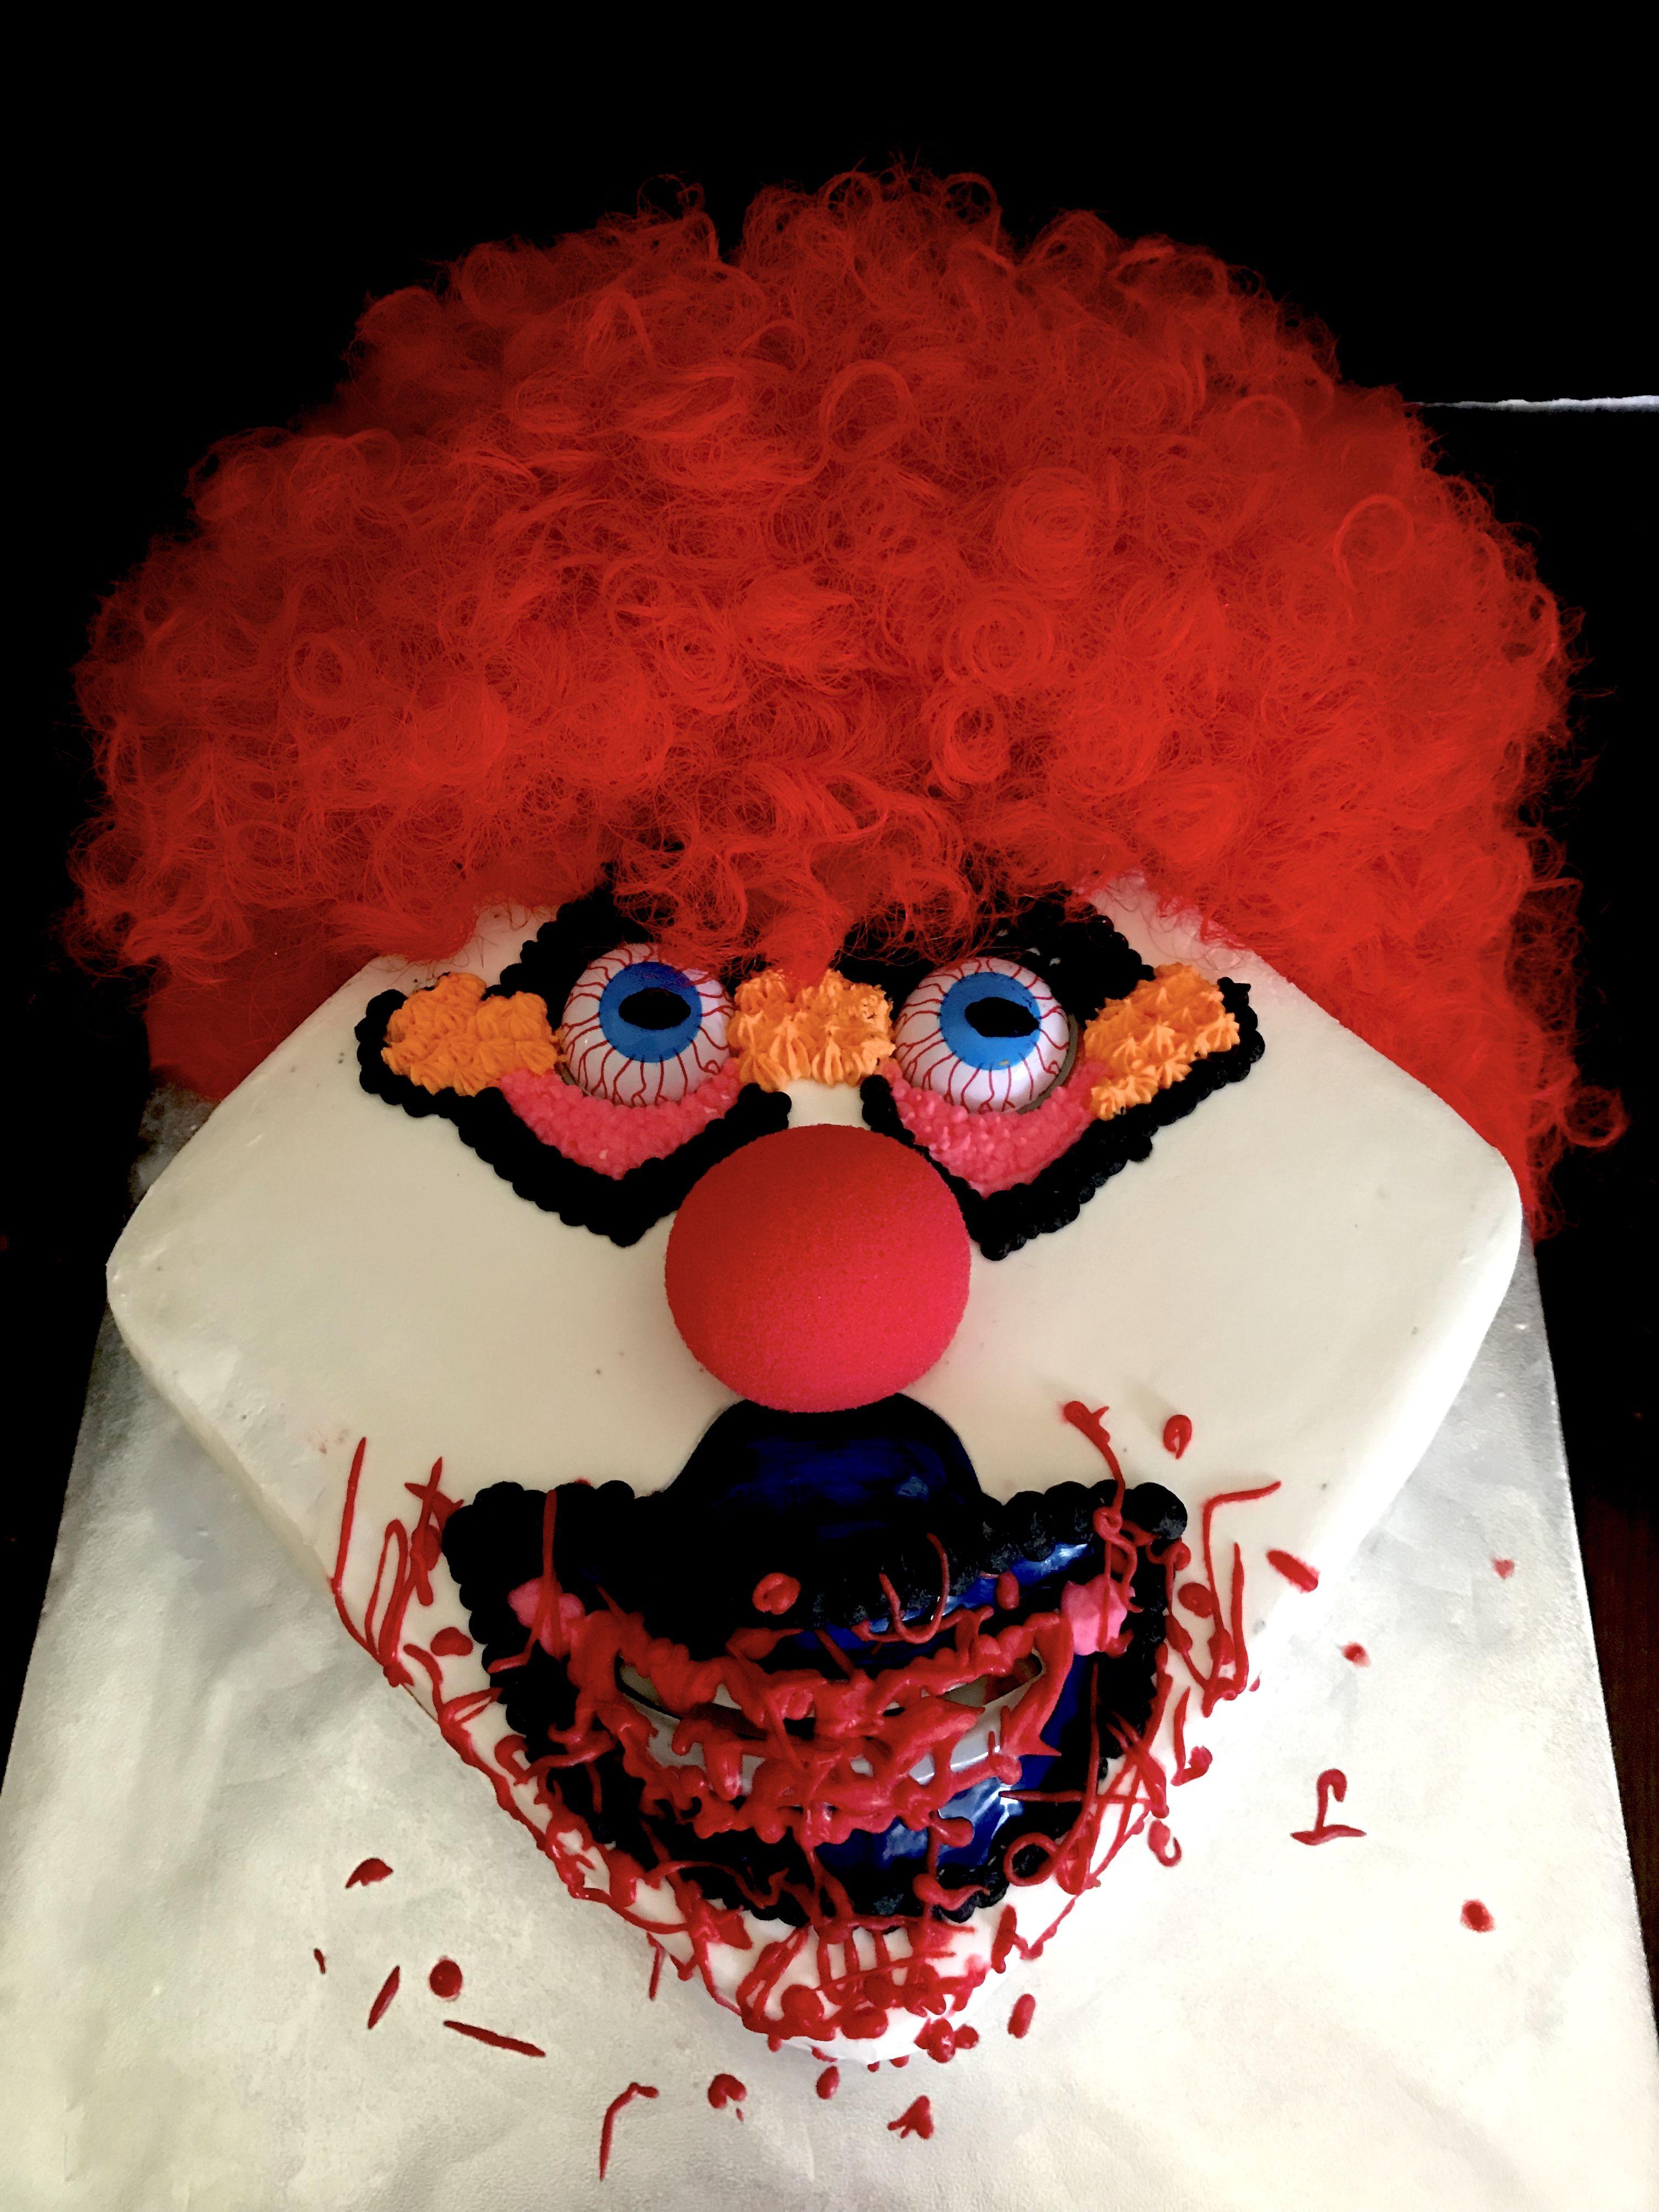 Scary Clown themed Happy Birthday Cake